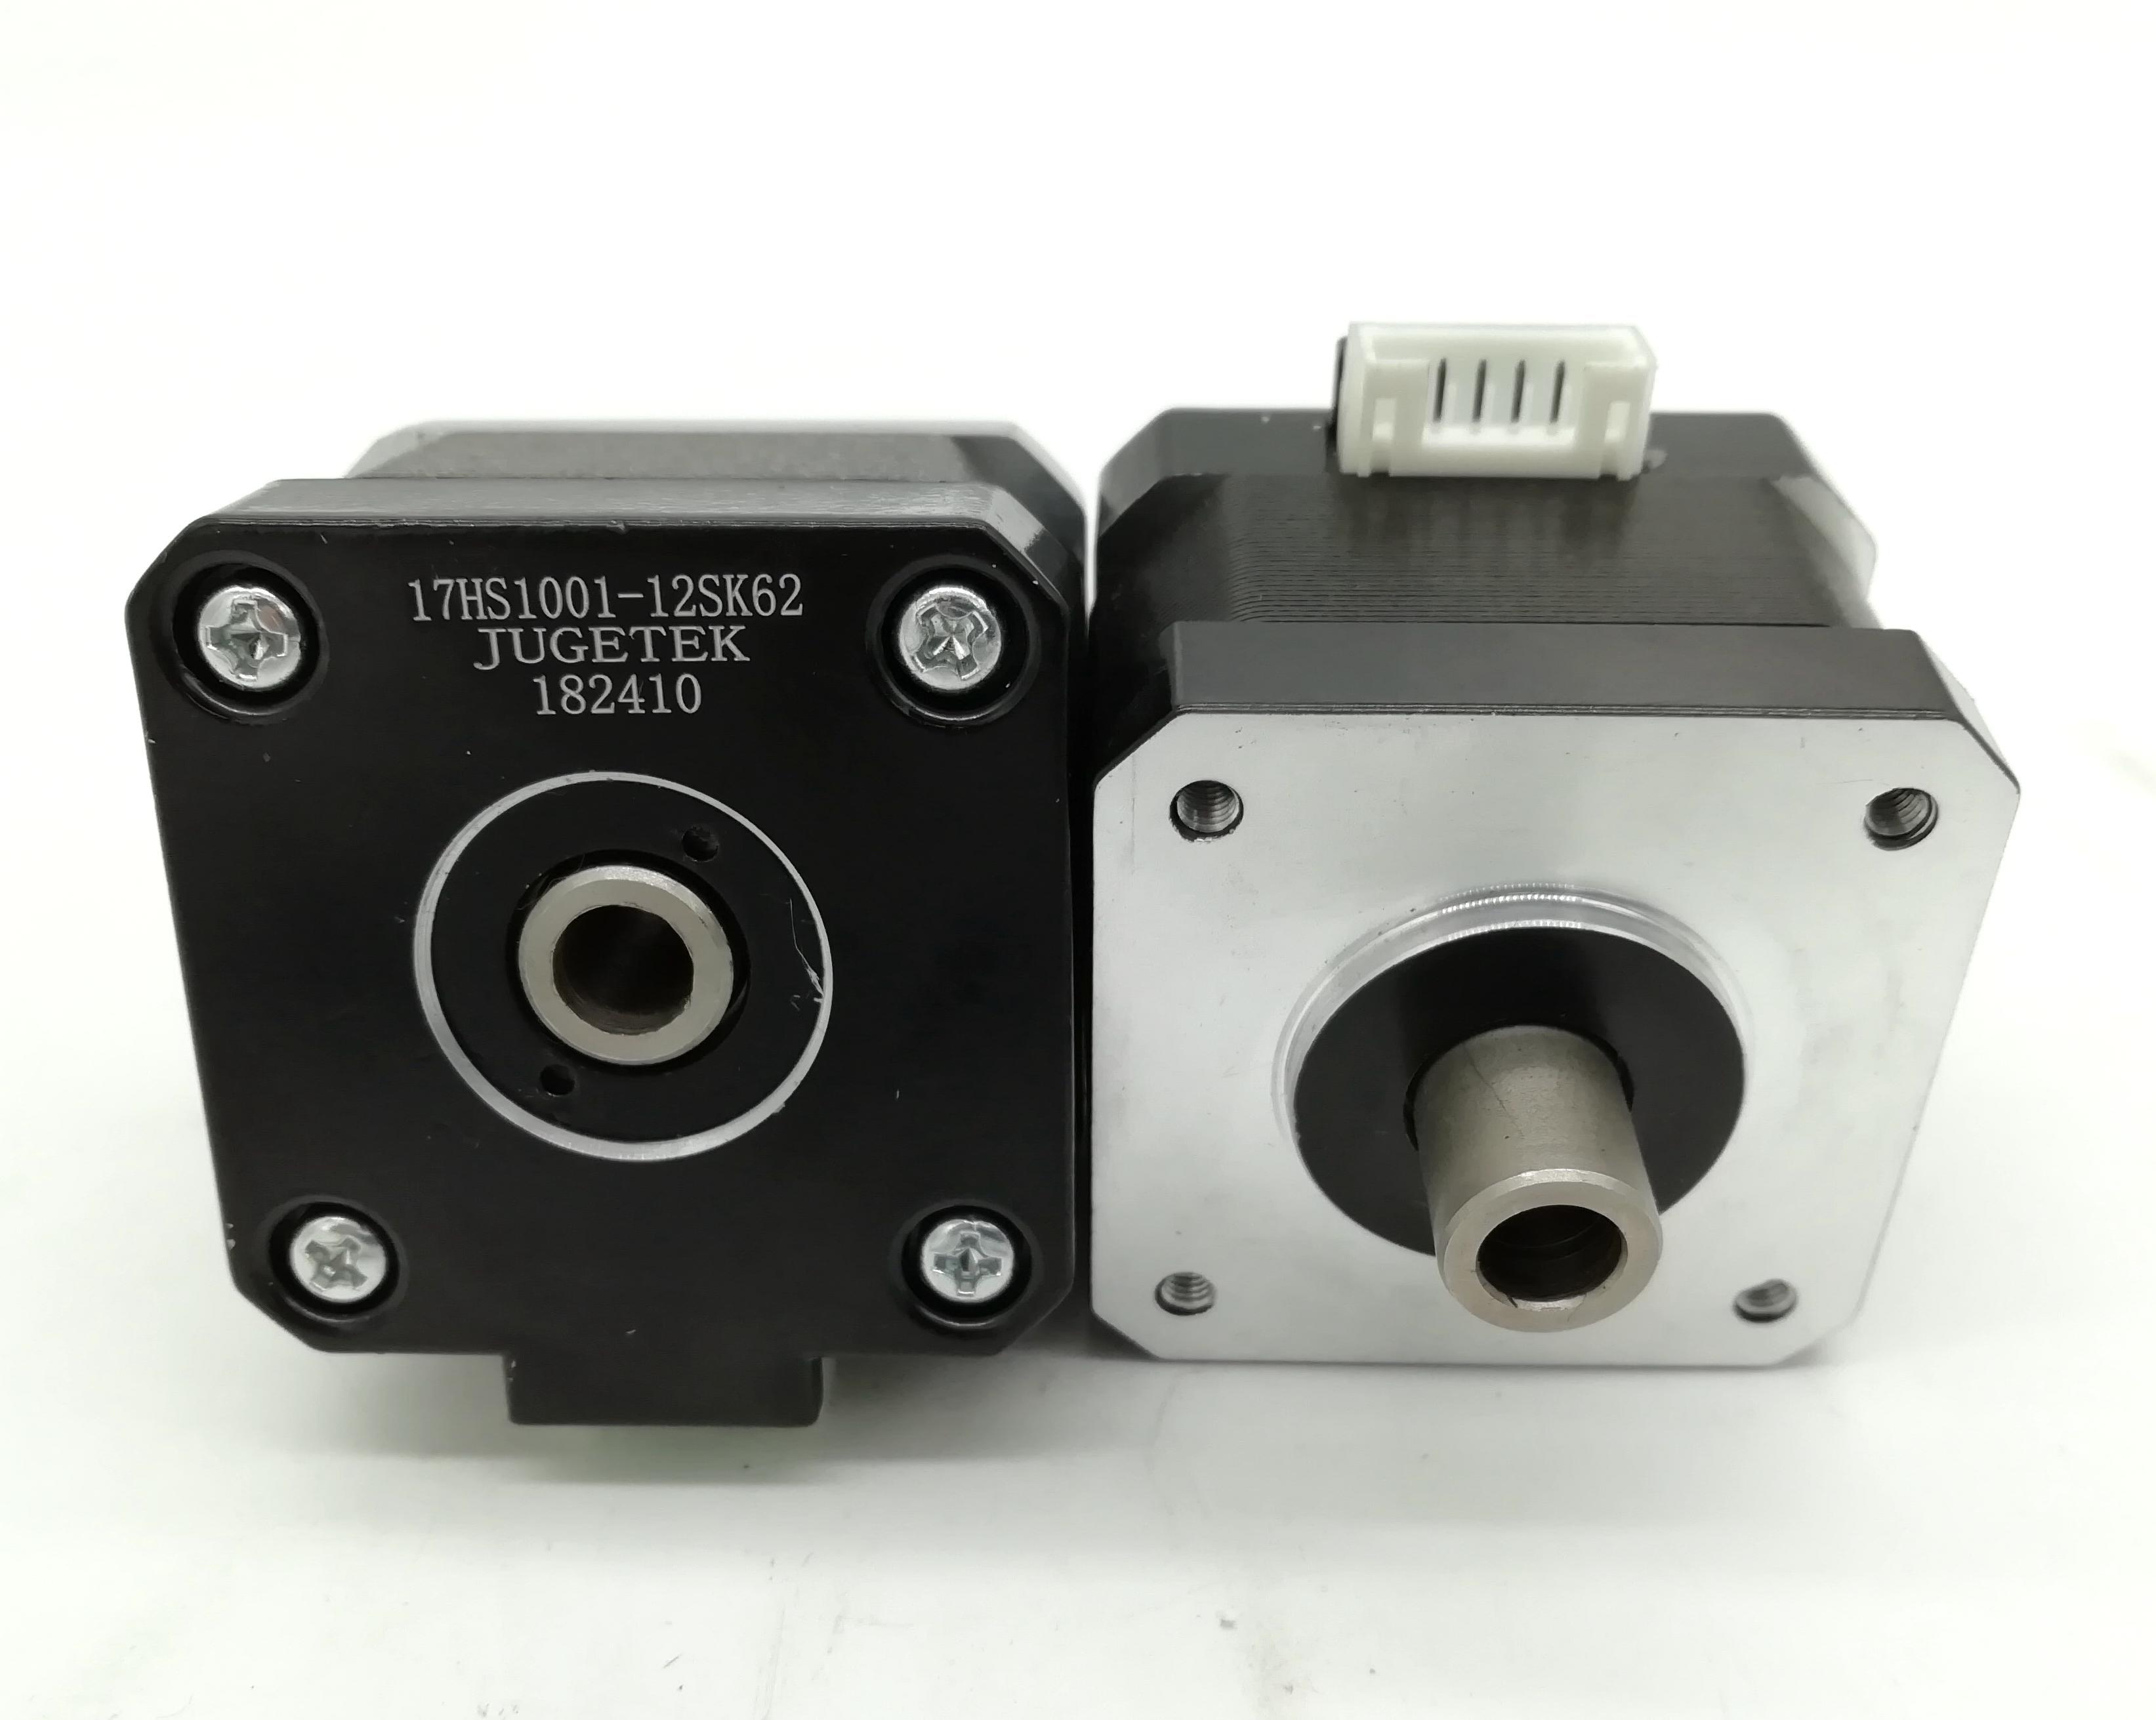 Nema17 Hollow Shaft Stepper Motor 34mm body 12mm Shaft Length|hollow shaft stepper motor|stepper motor|hollow shaft stepper - title=